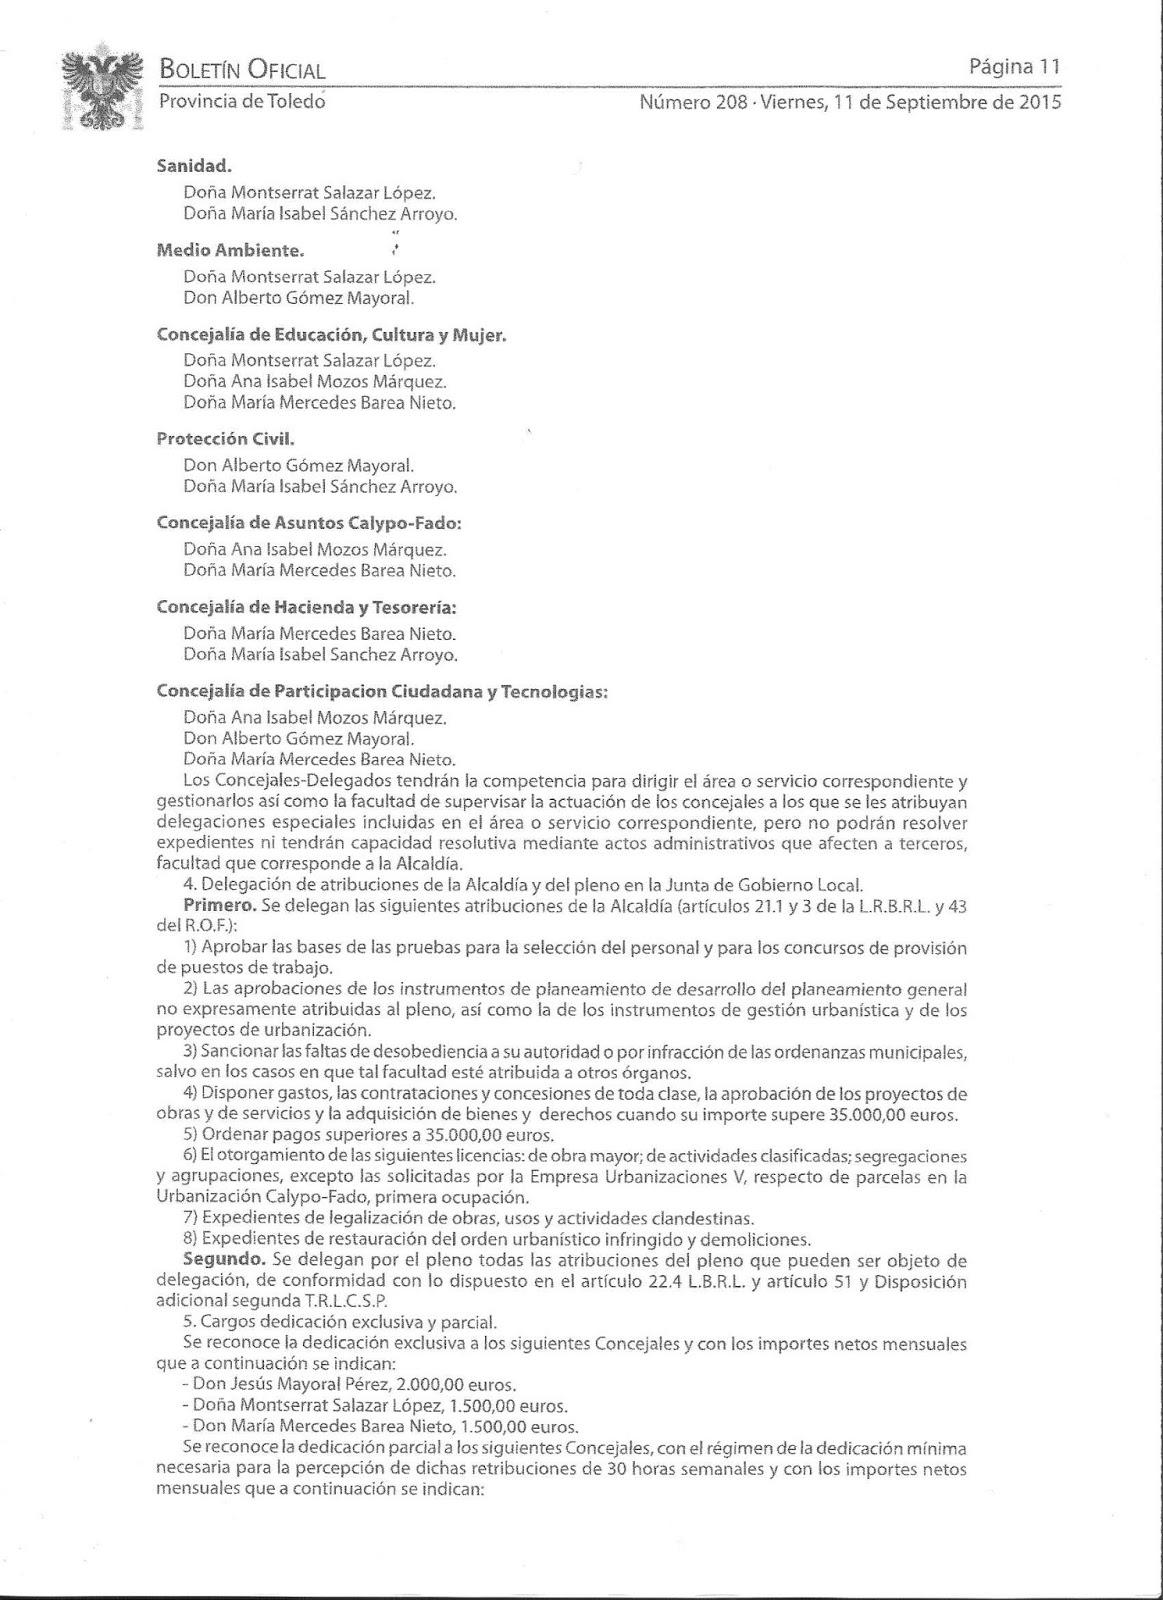 CONCEJALIAS CASARRUBIOS DEL  MONTE